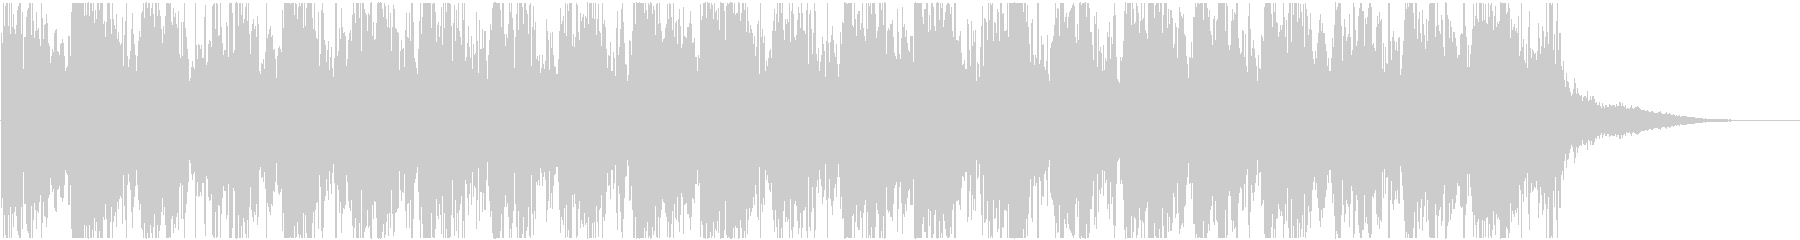 スリル、緊張感 -打楽器中心-の未再生の波形